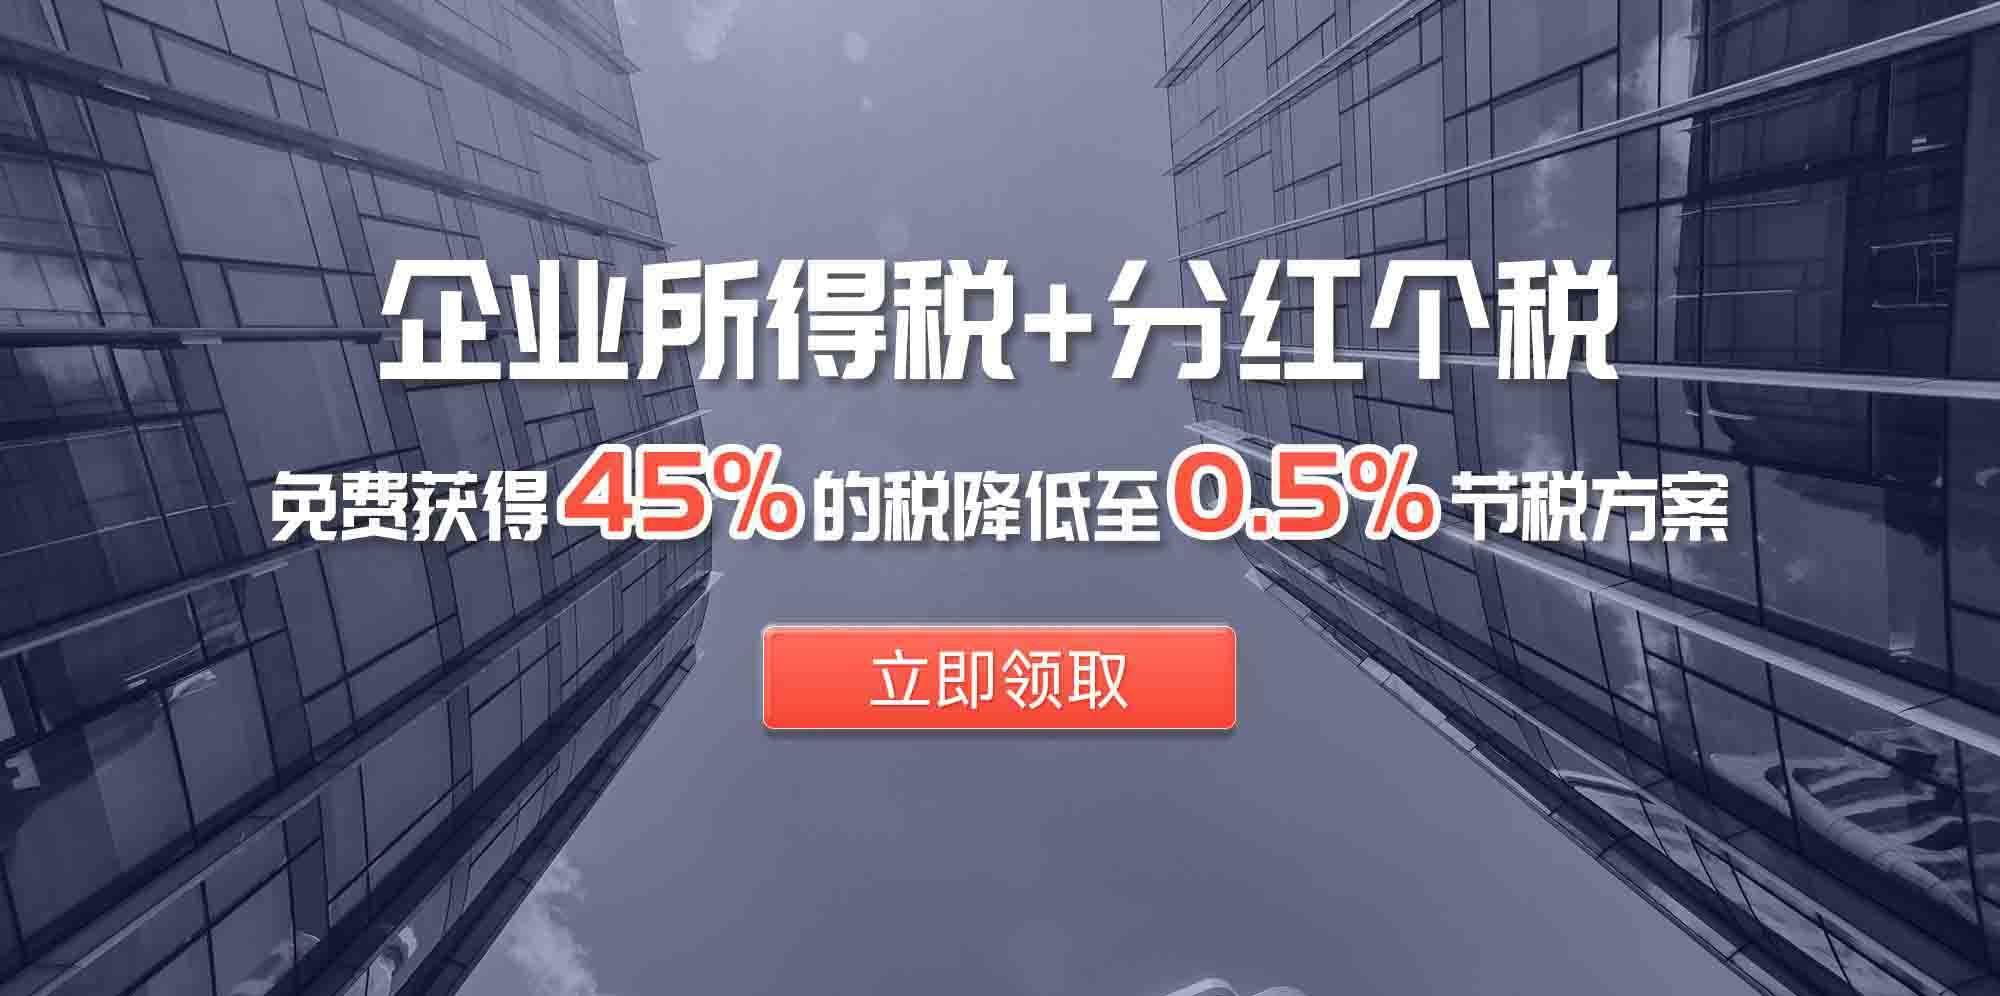 税率低至0.5%免费送企业税筹方案